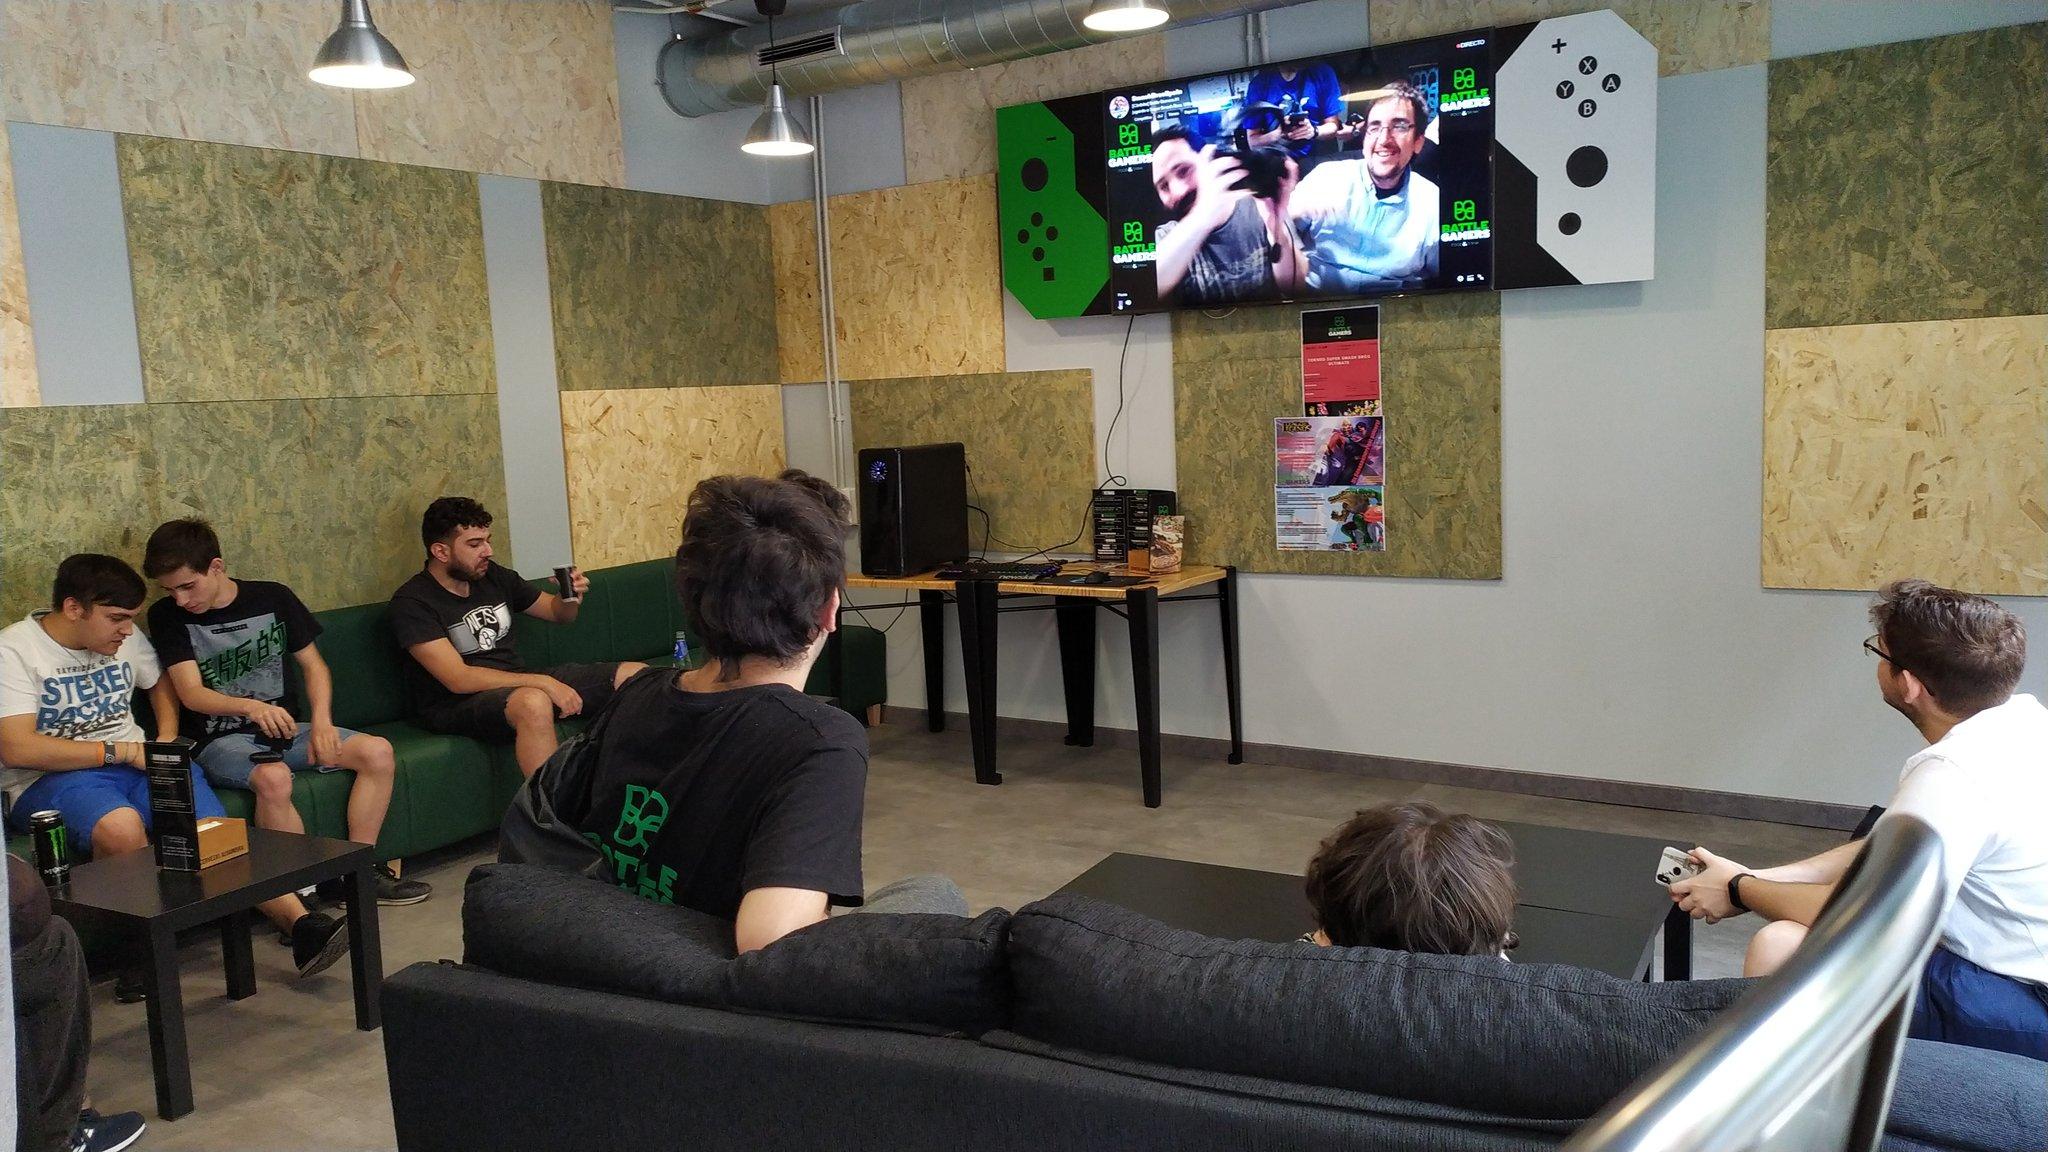 Varios espectadores viendo cómodamente una de las partidas, narrada por Easmo y MaeseKratos